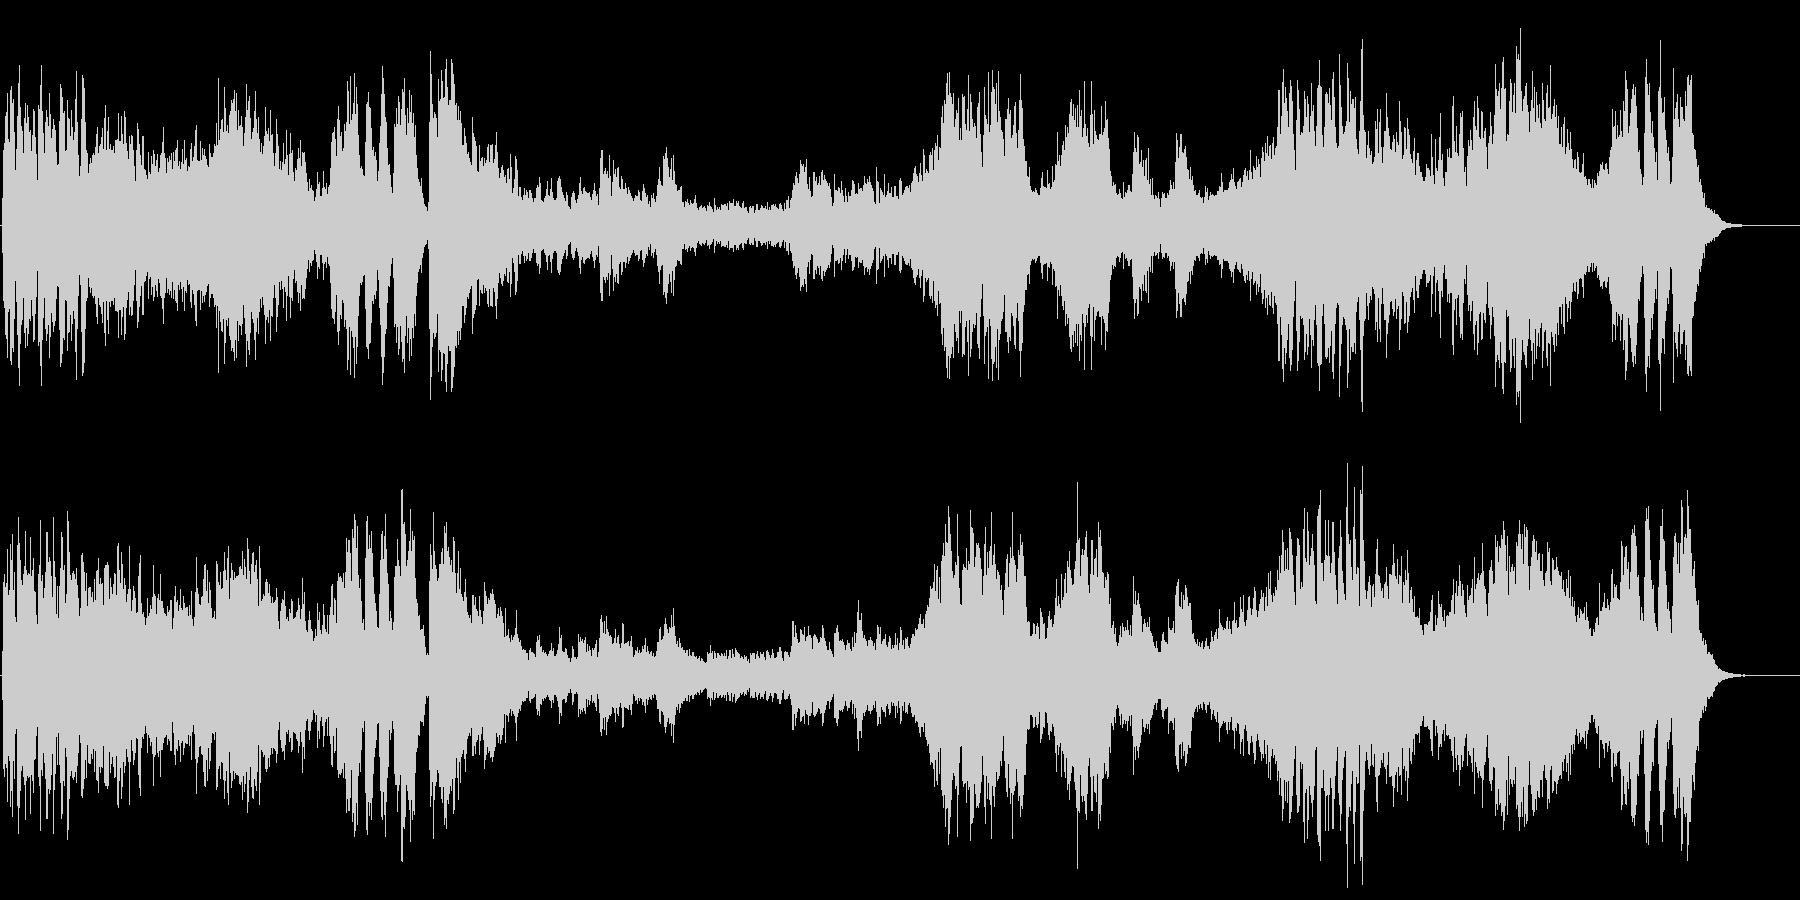 『高雅で感傷的なワルツ』第一楽章の未再生の波形